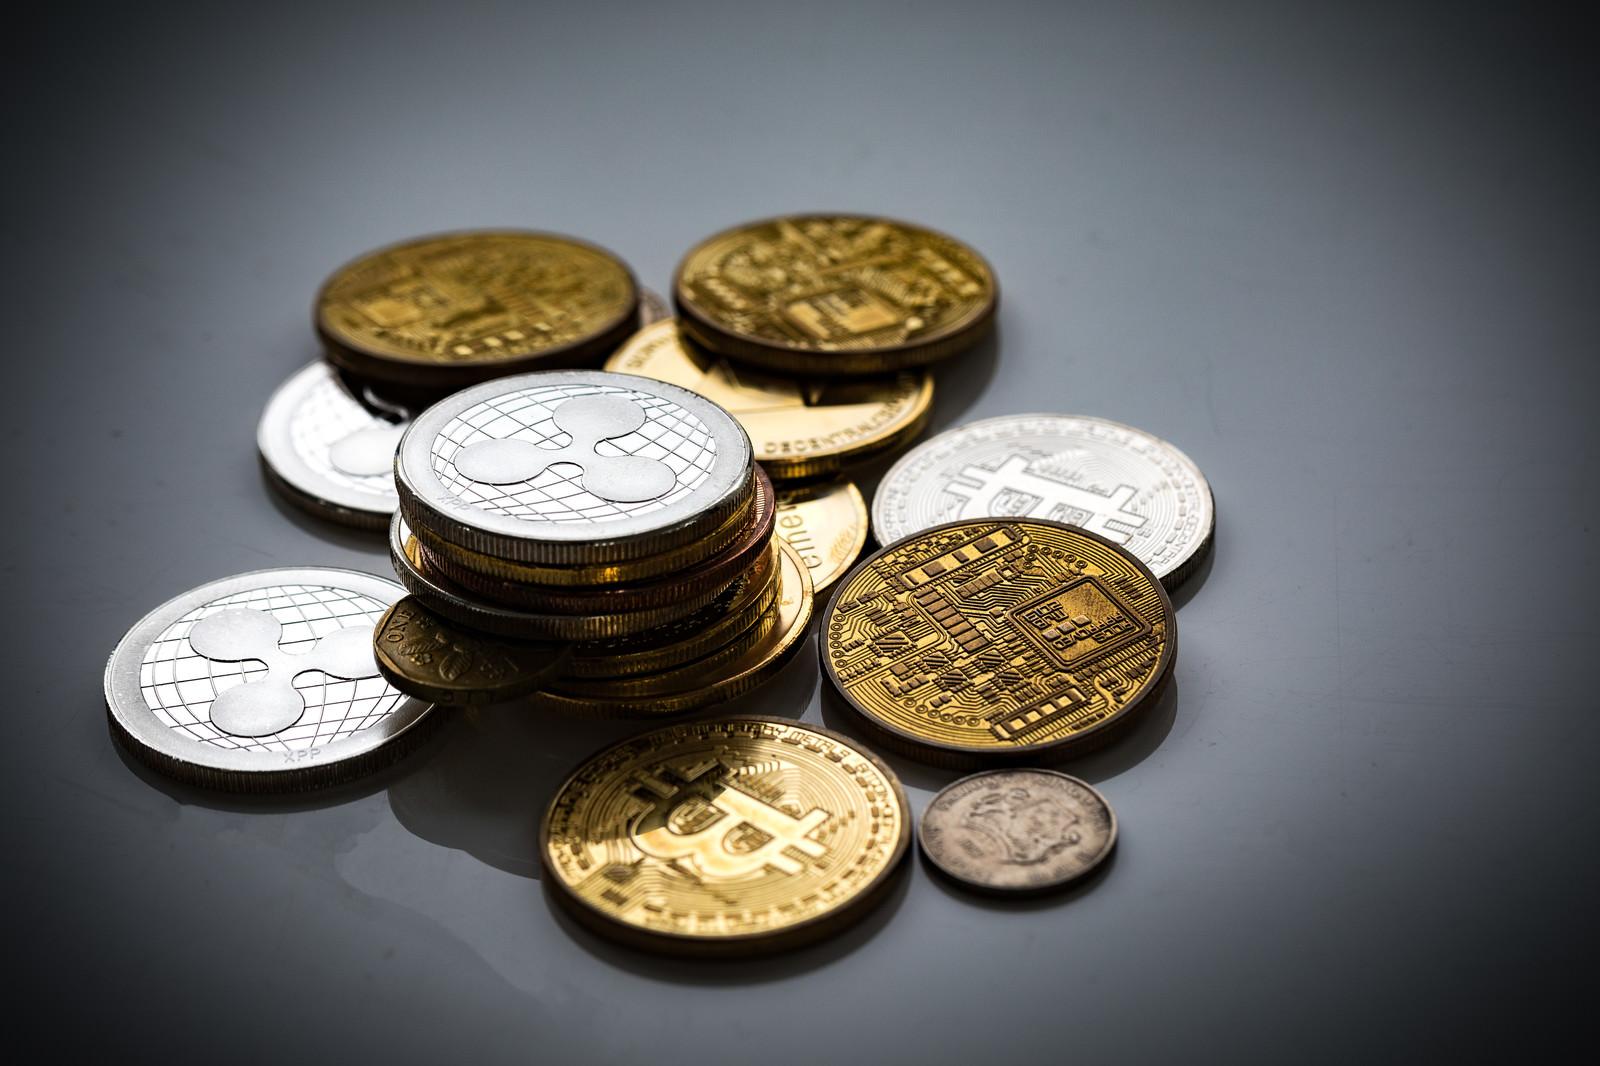 「リップル(XRP)と仮想通貨リップル(XRP)と仮想通貨」のフリー写真素材を拡大